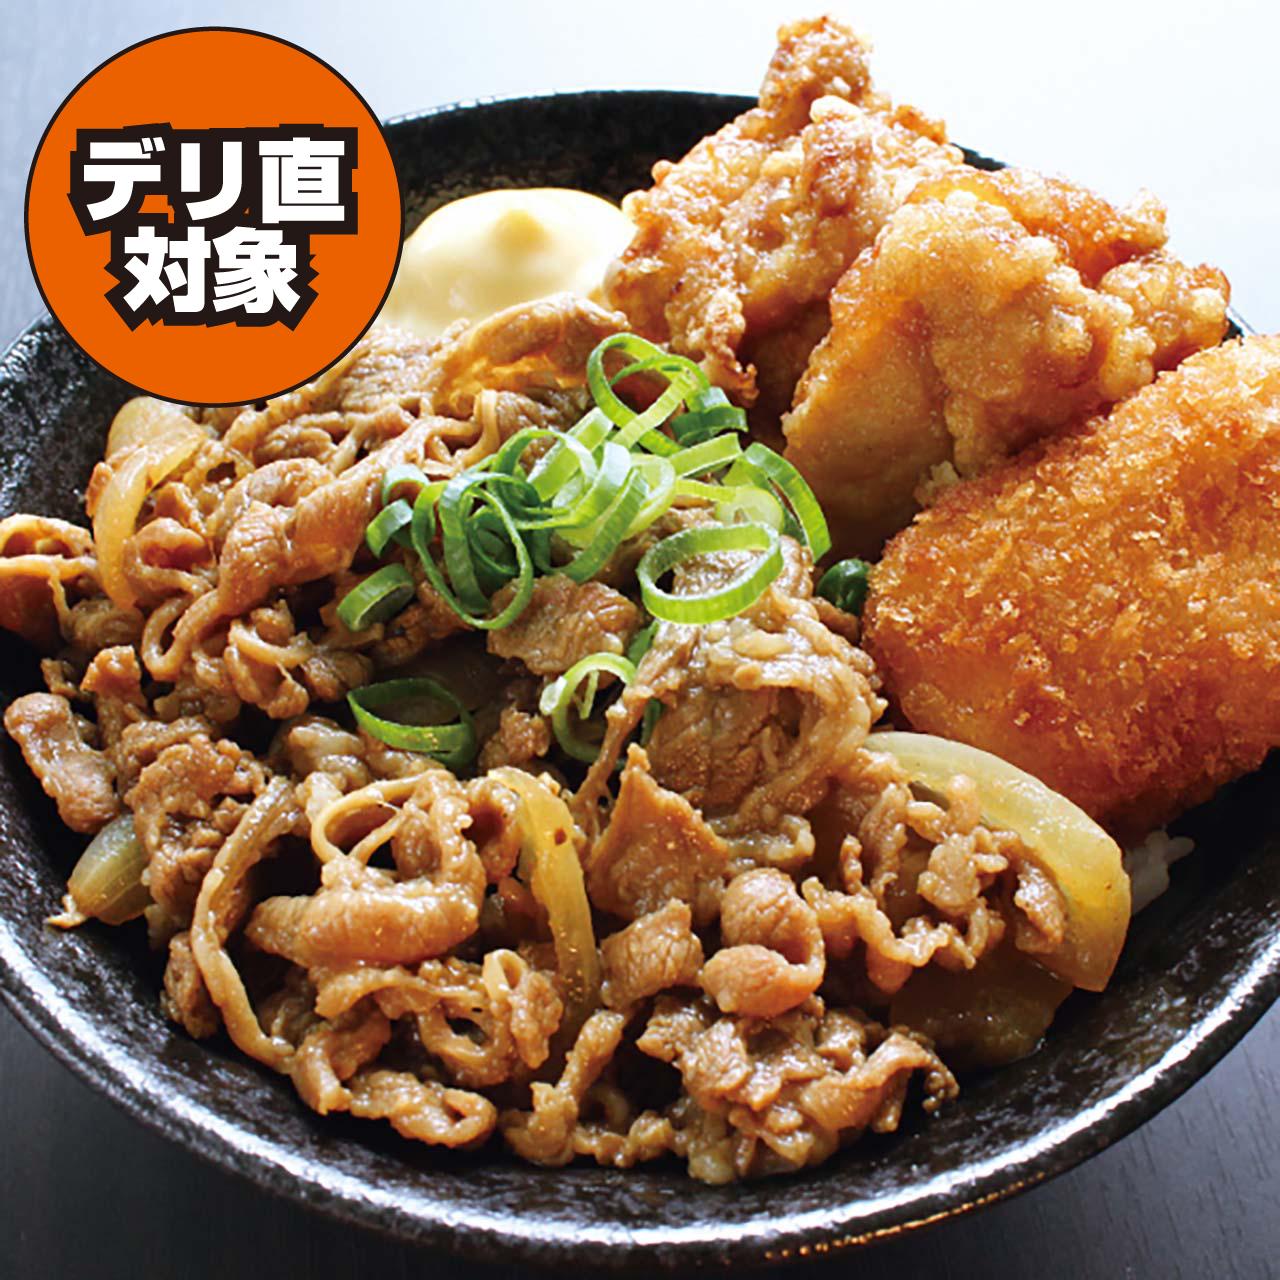 しょうが焼き丼(400)(唐揚2+コロッケ1)